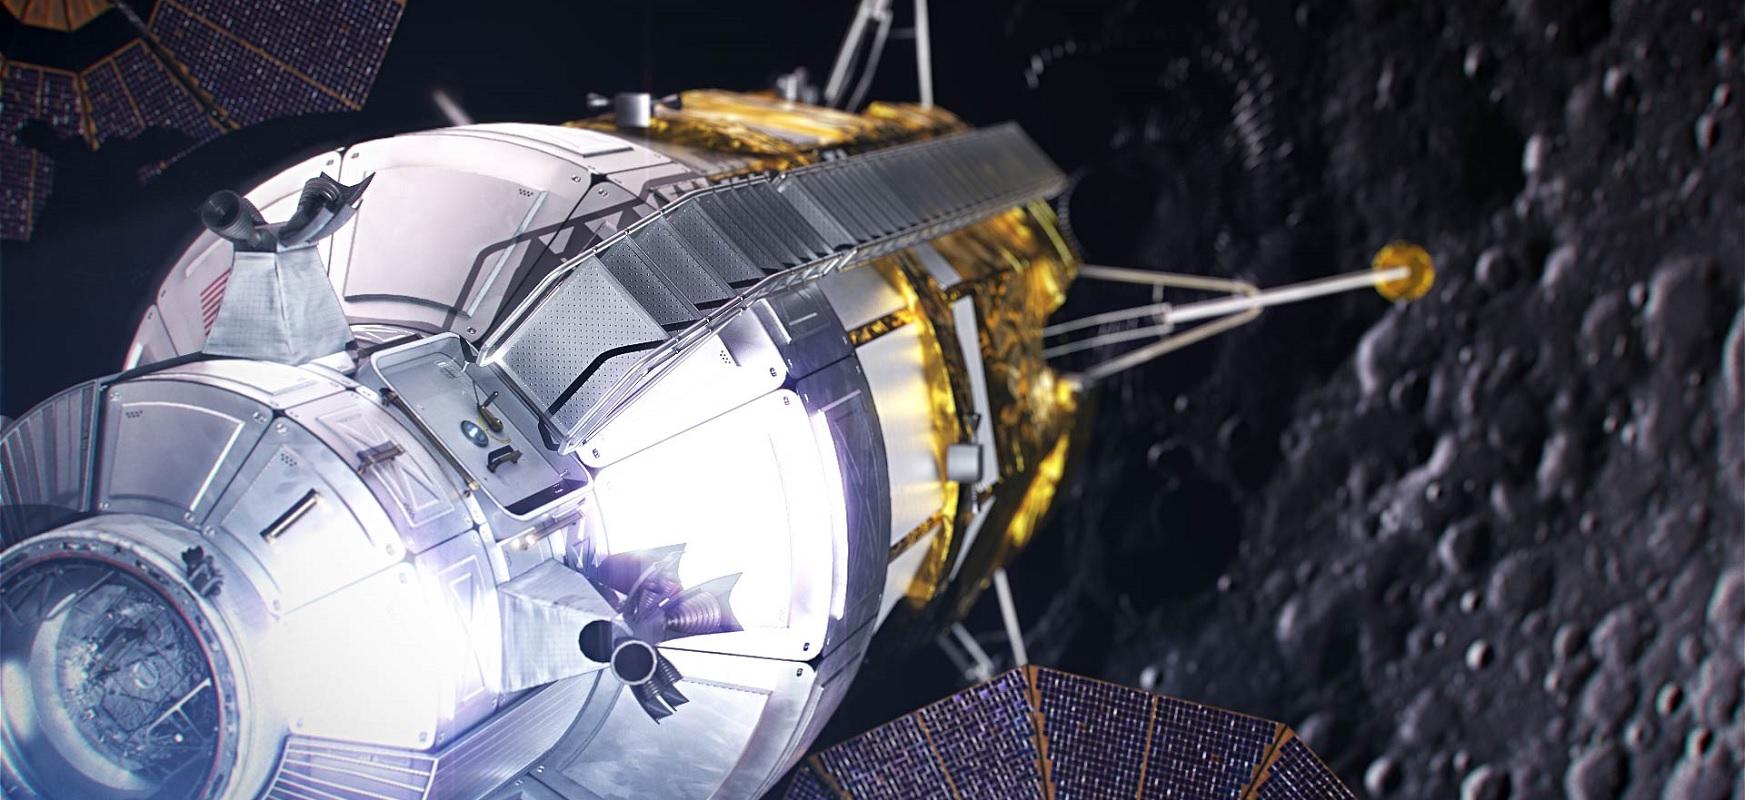 NASAk inor jarraituko ez duen espazioa erabiltzeko arauak sortu ditu